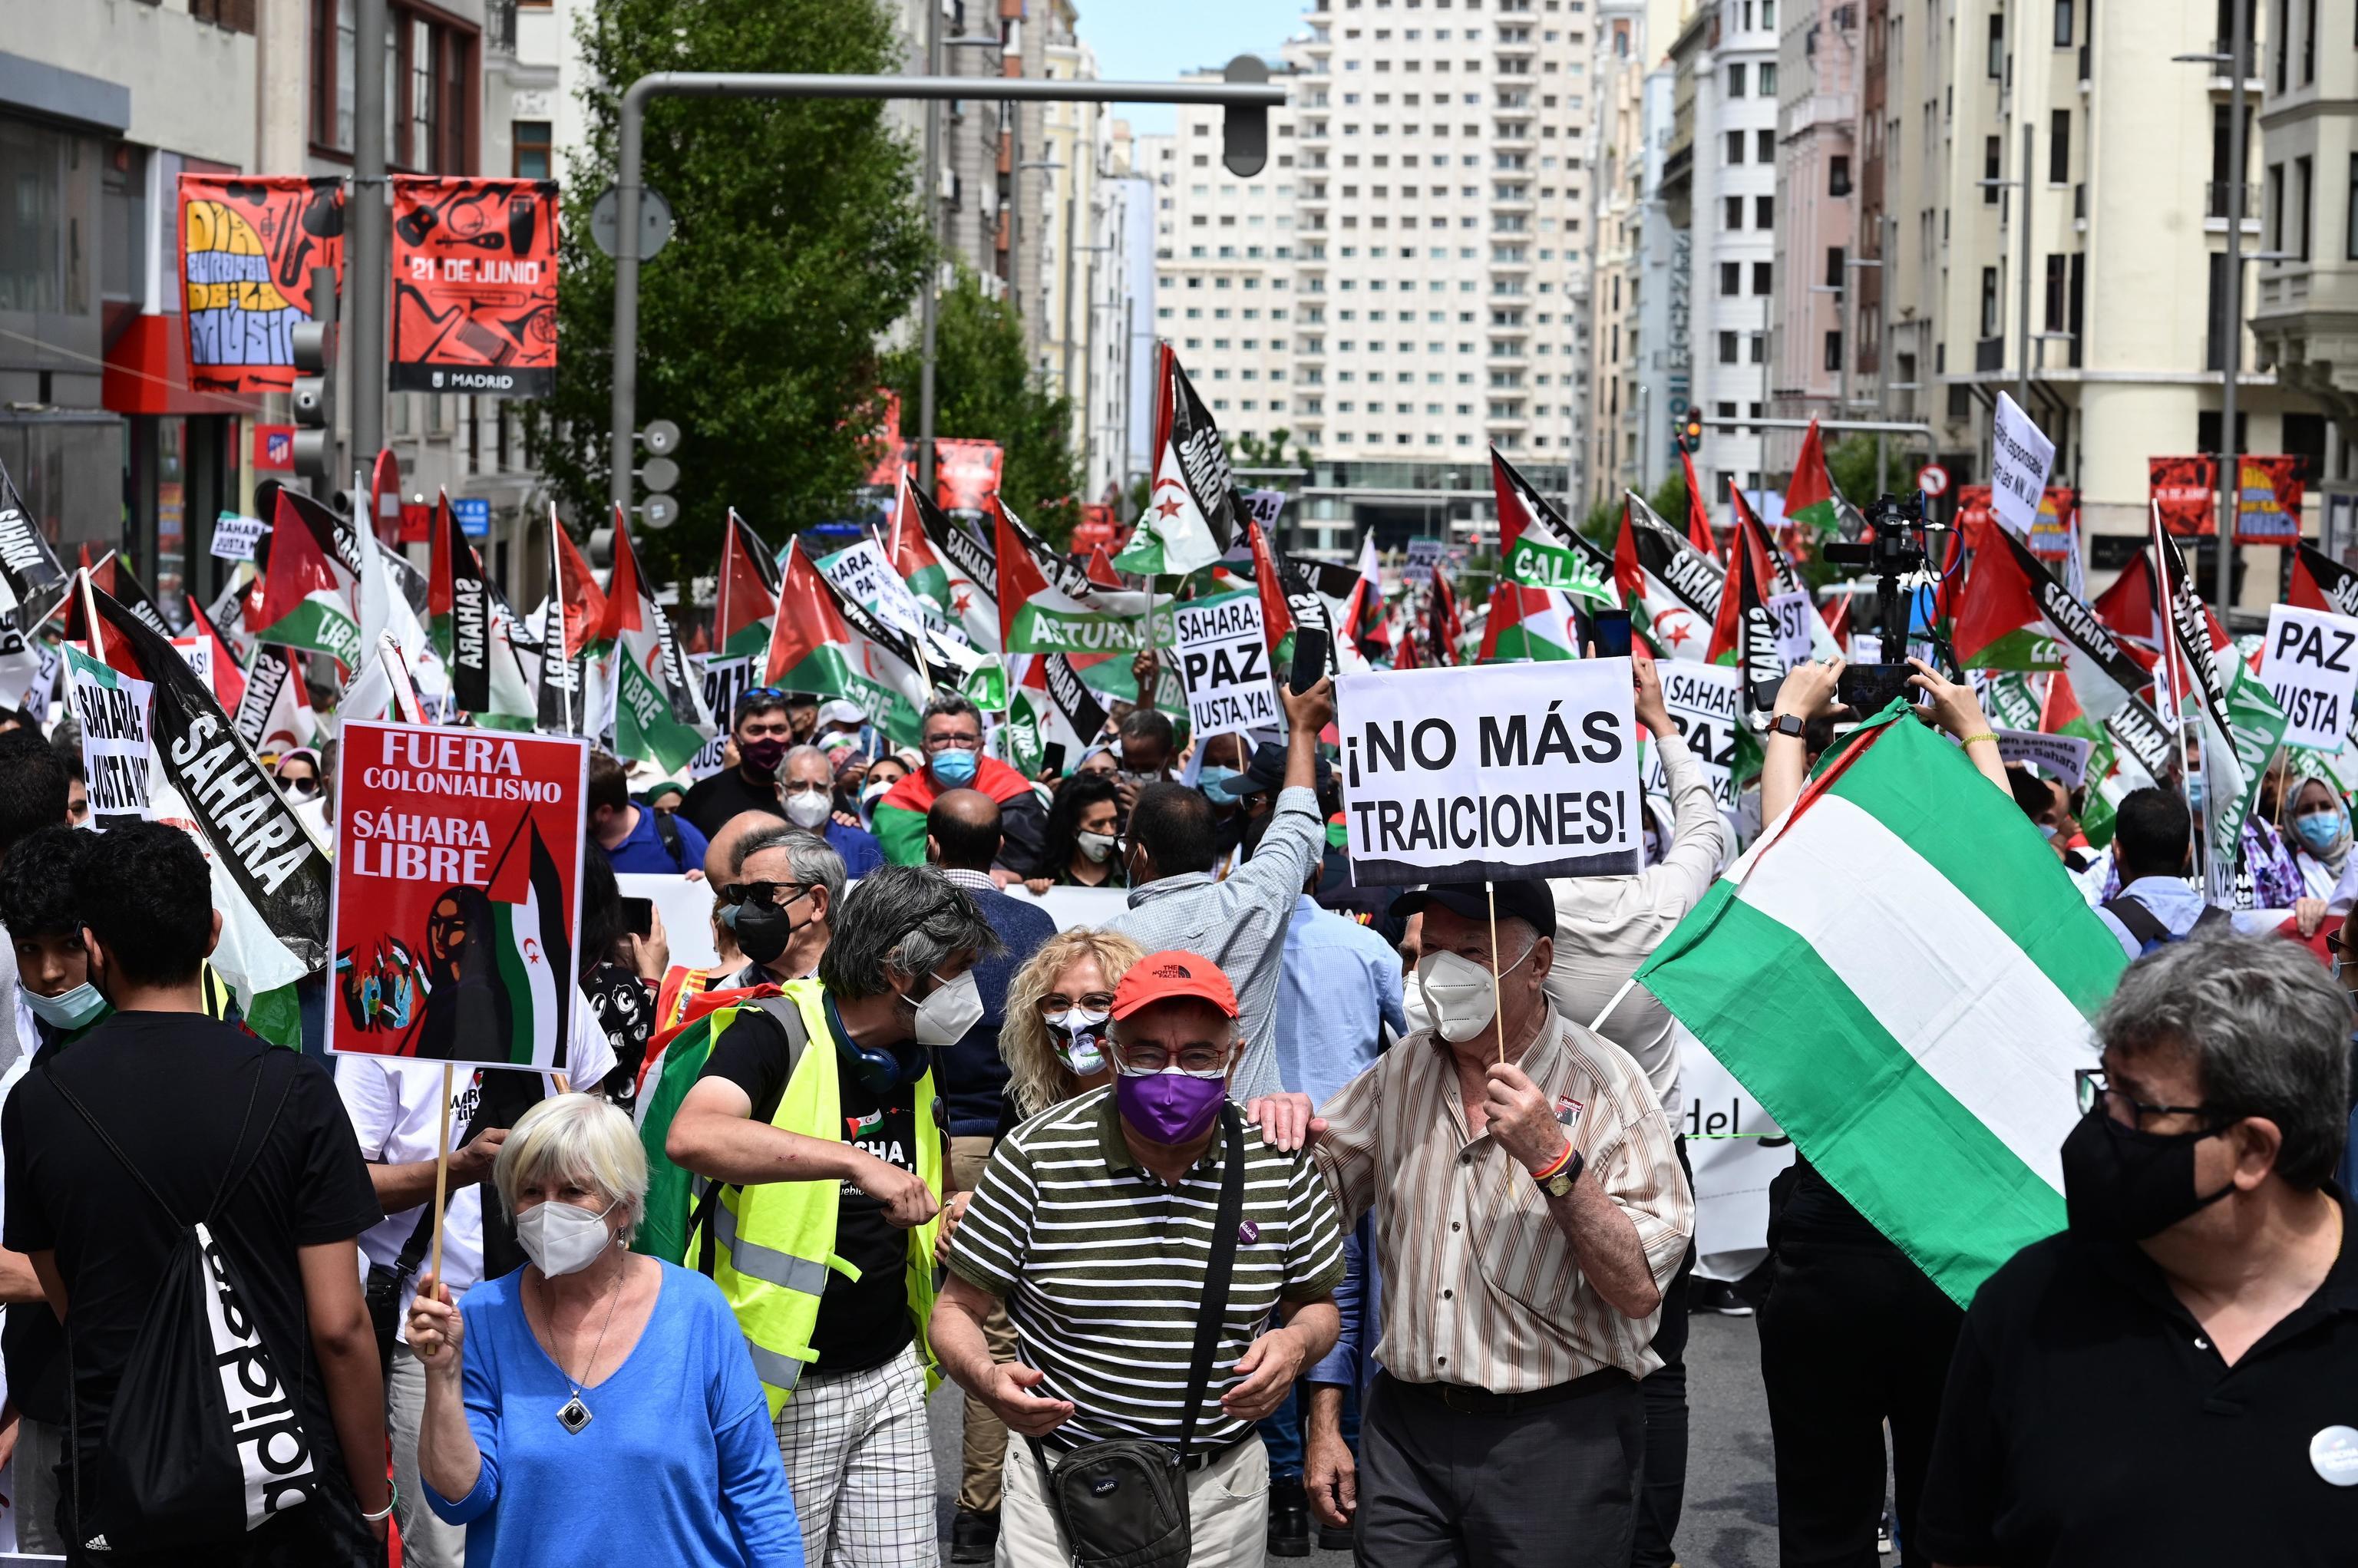 Participantes en la marcha en apoyo del pueblo saharaui en Madrid.